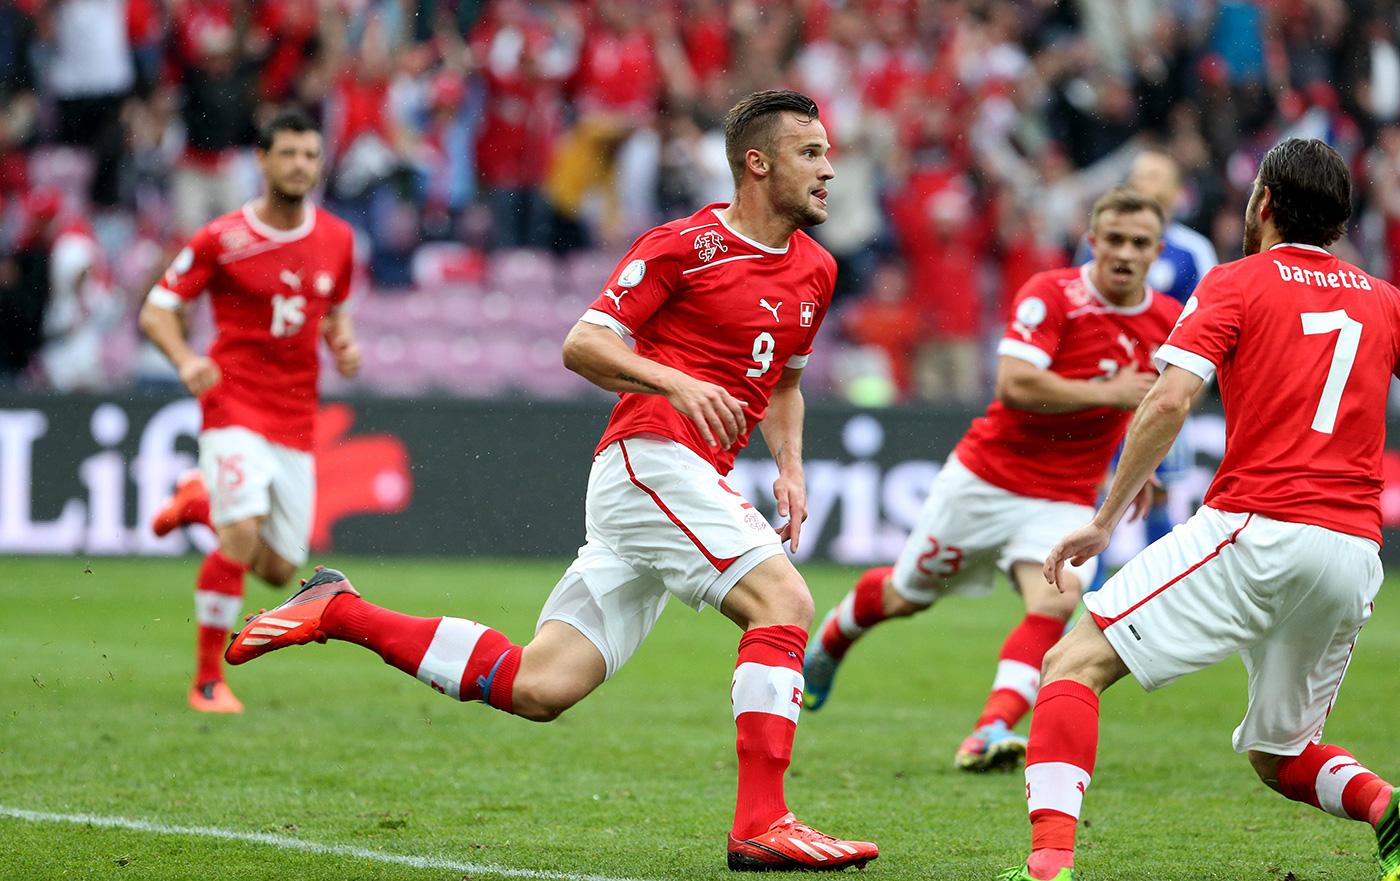 Match Suisse Vs Équateur retransmis sur TF1 et beIN Sport 1